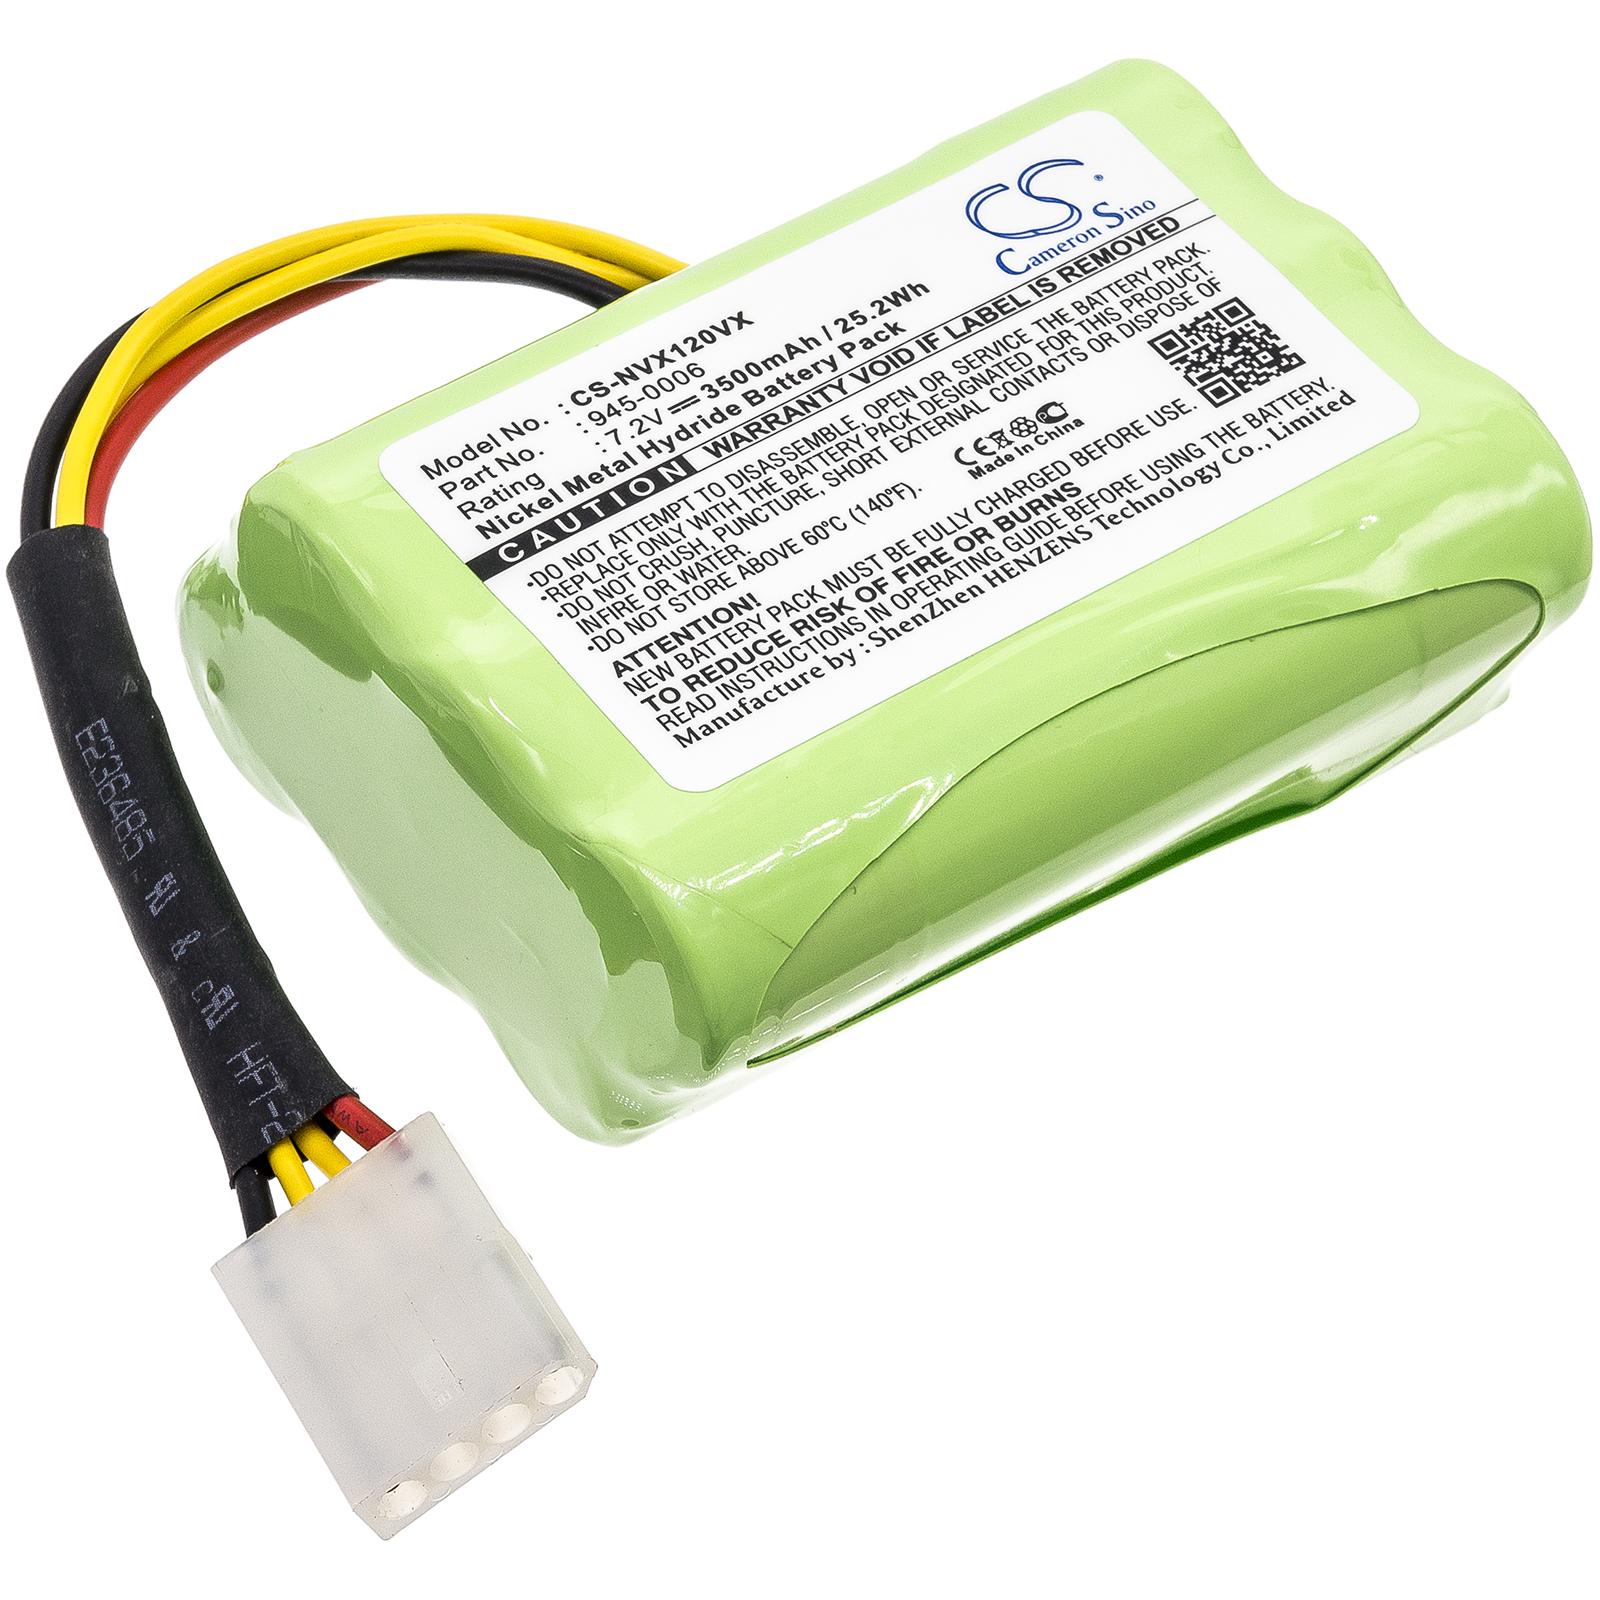 Cameron Sino baterie do vysavačů pro NEATO XV-11 7.2V Ni-MH 3500mAh zelená - neoriginální